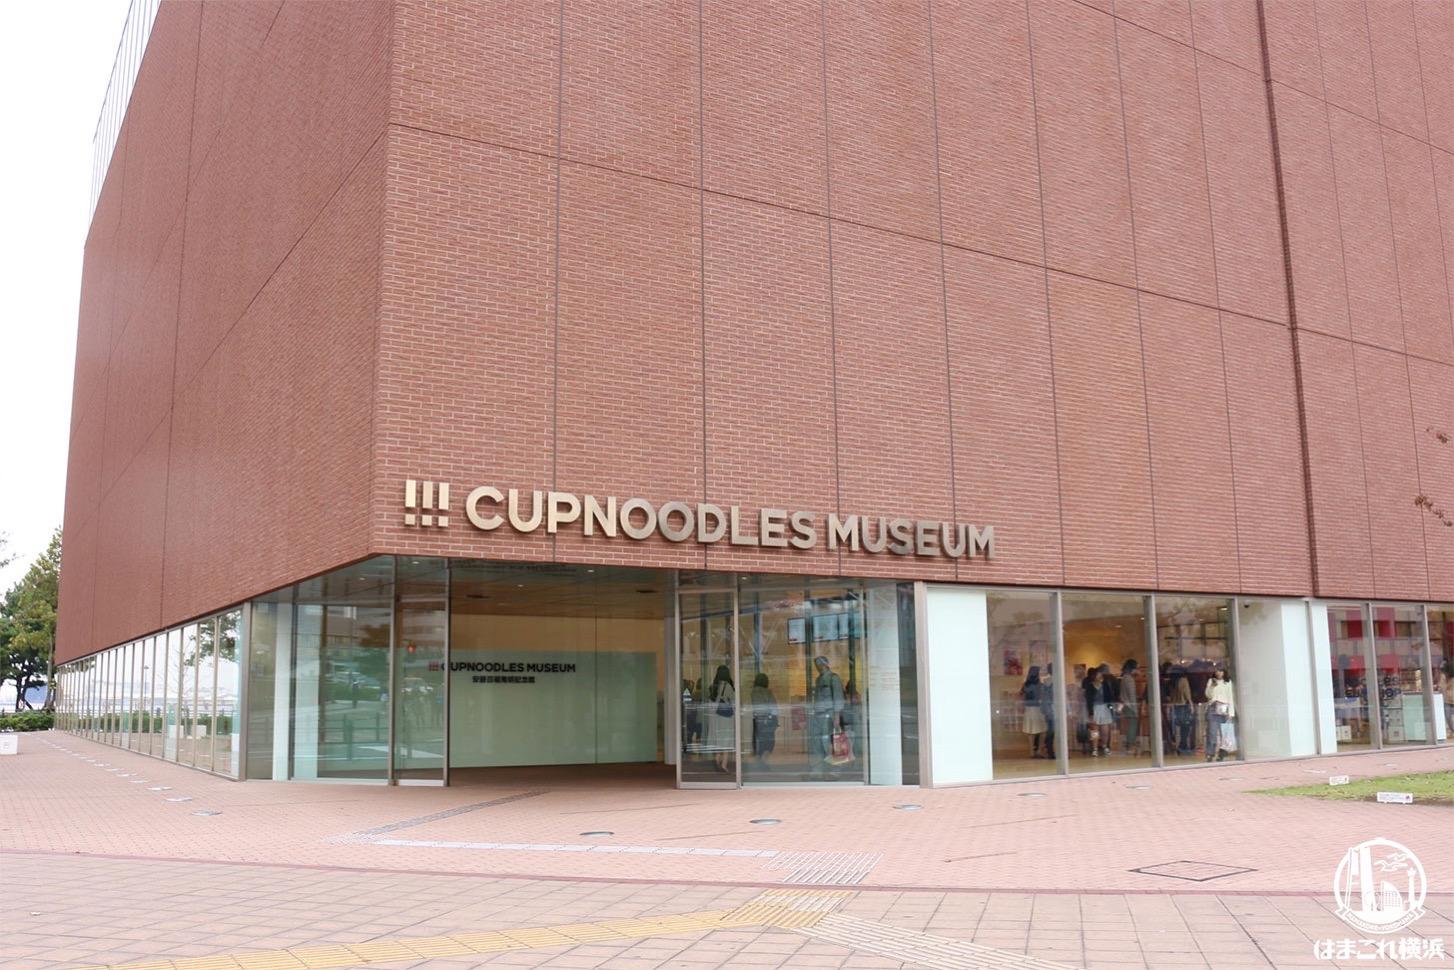 カップヌードルミュージアム 横浜、7月1日より運営再開!事前チケット制に